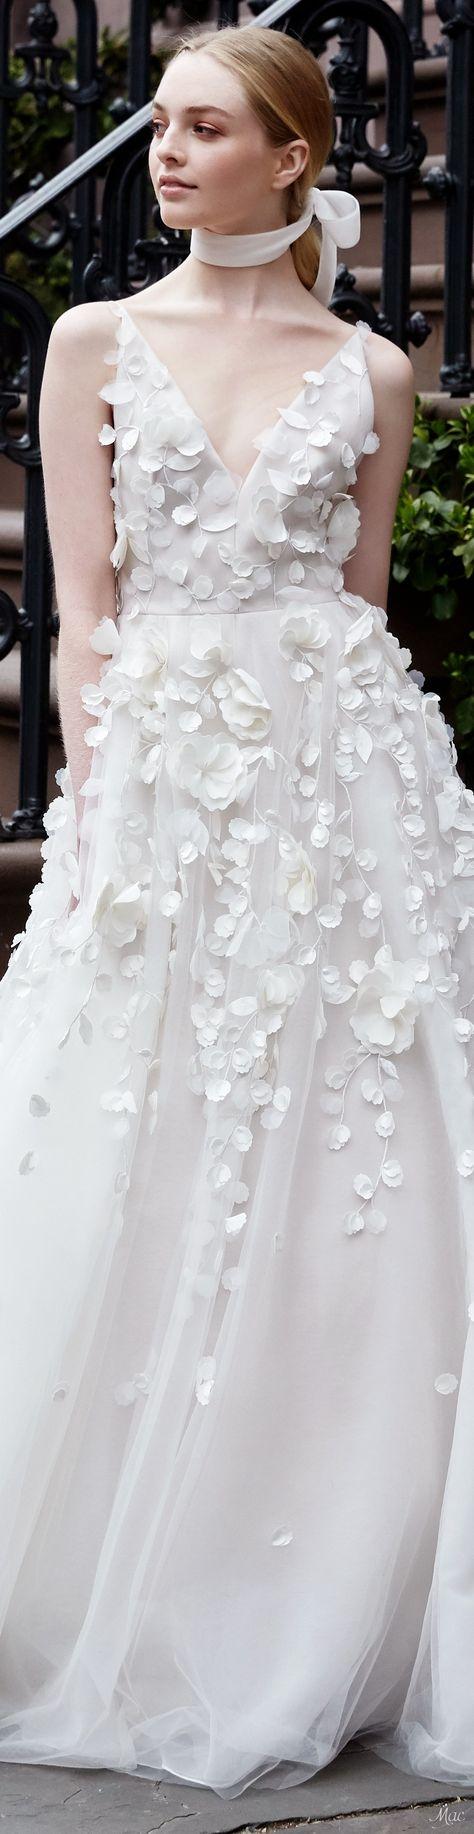 Fantastisch Billige Bescheidene Brautjunferkleider Unter 50 Fotos ...